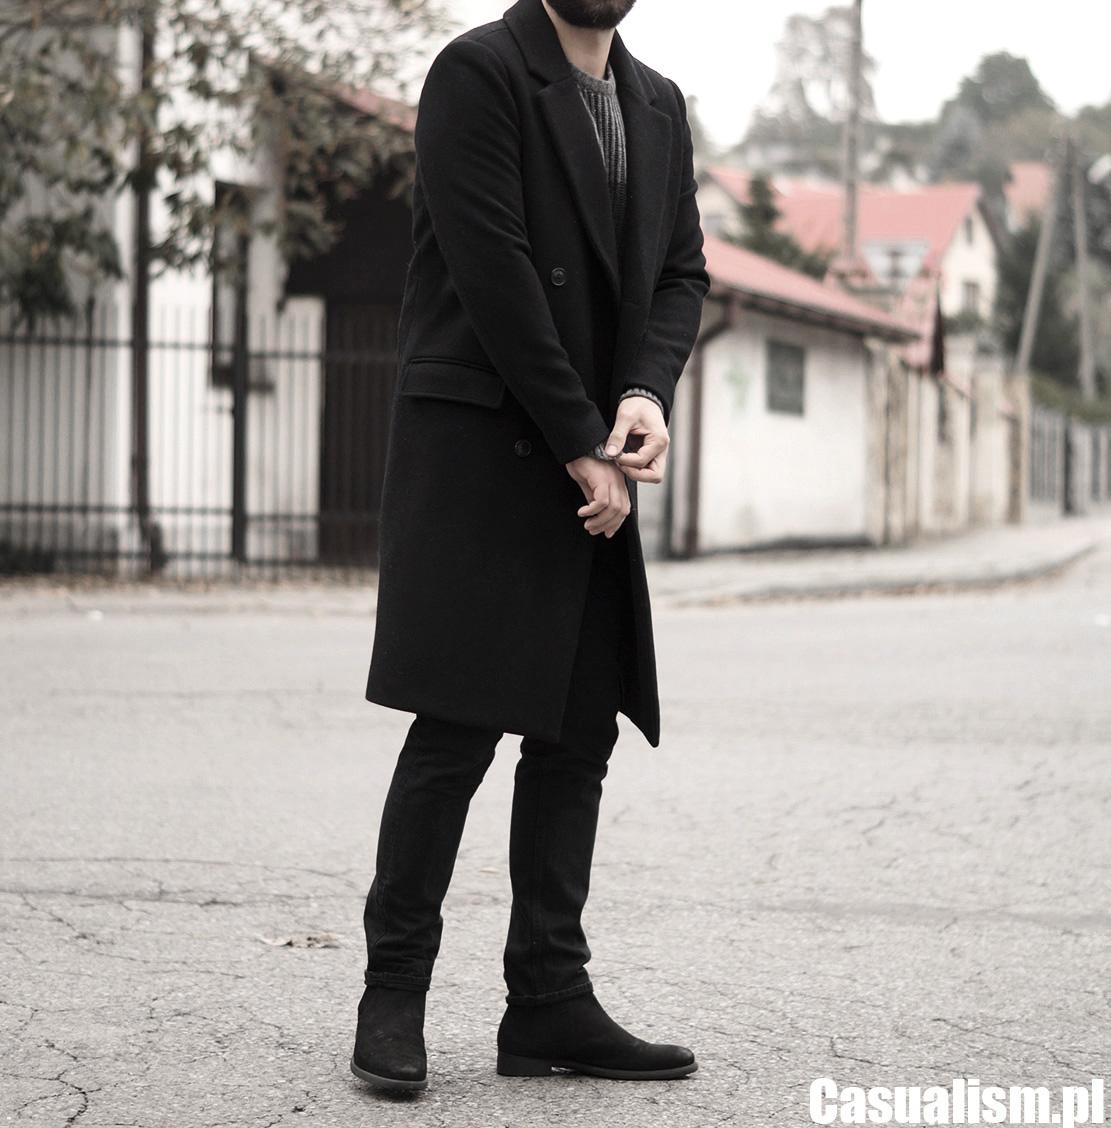 Długi płaszcz męski, męski płaszcz dwurzędowy, męskie płaszcze dwa rzędy, płaszcz militarny męski, męski płaszcz czarny, czarny płaszcz dla faceta